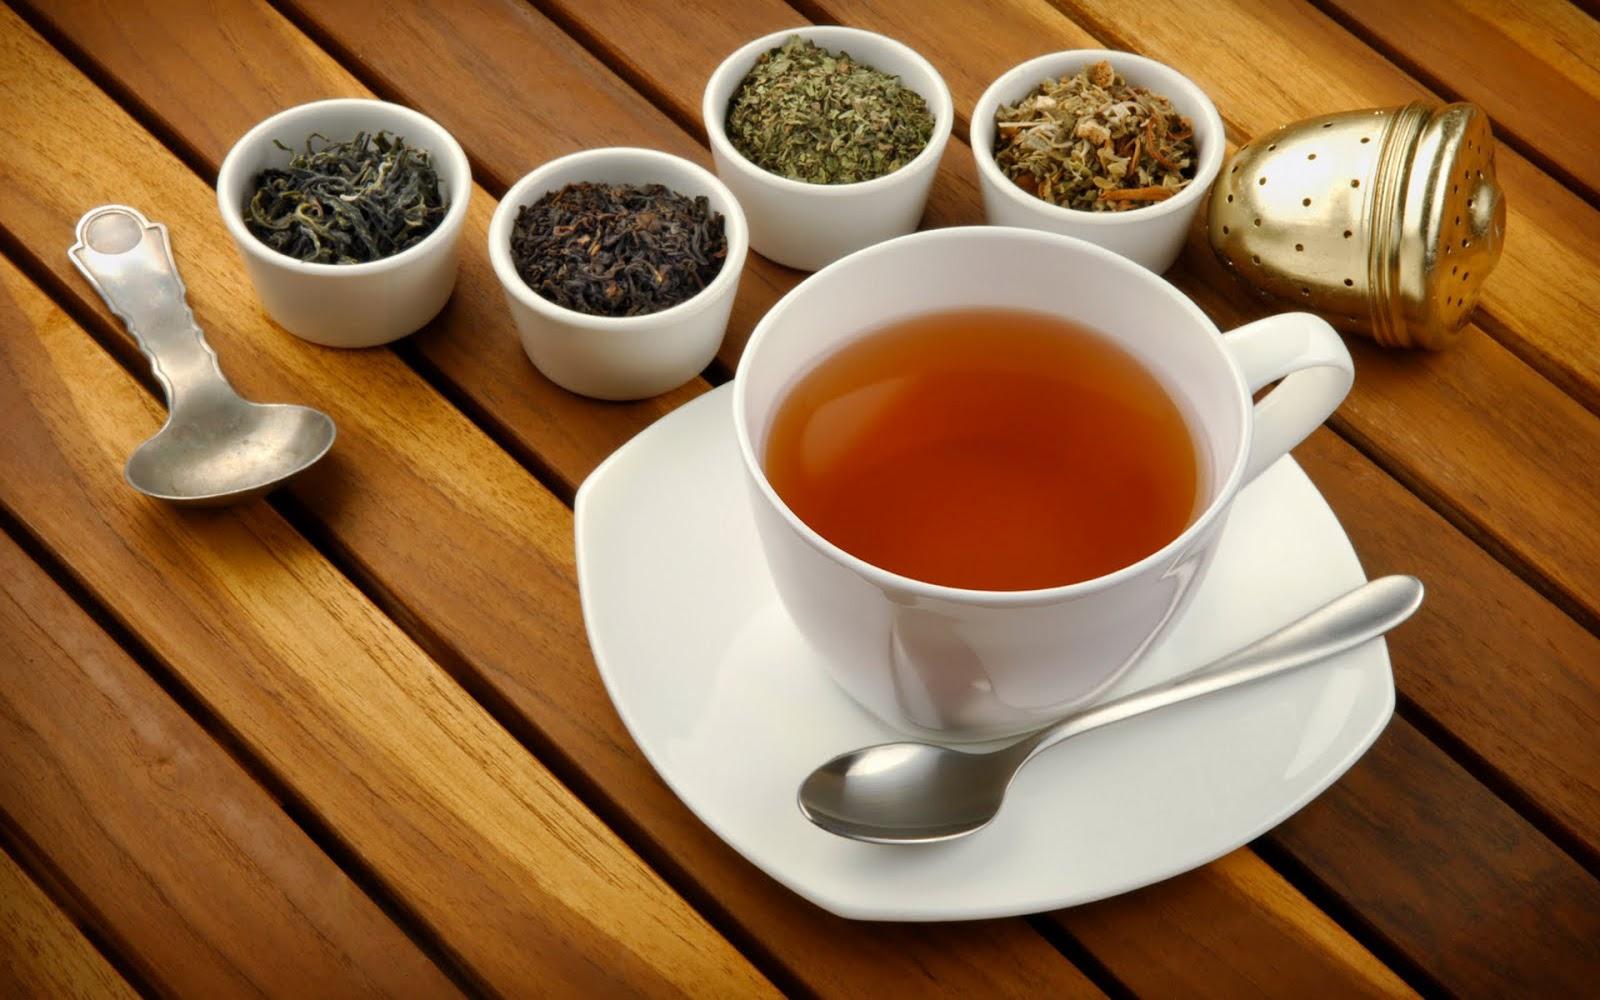 Minum teh setelah makan, baik atau buruk untuk kesehatan?